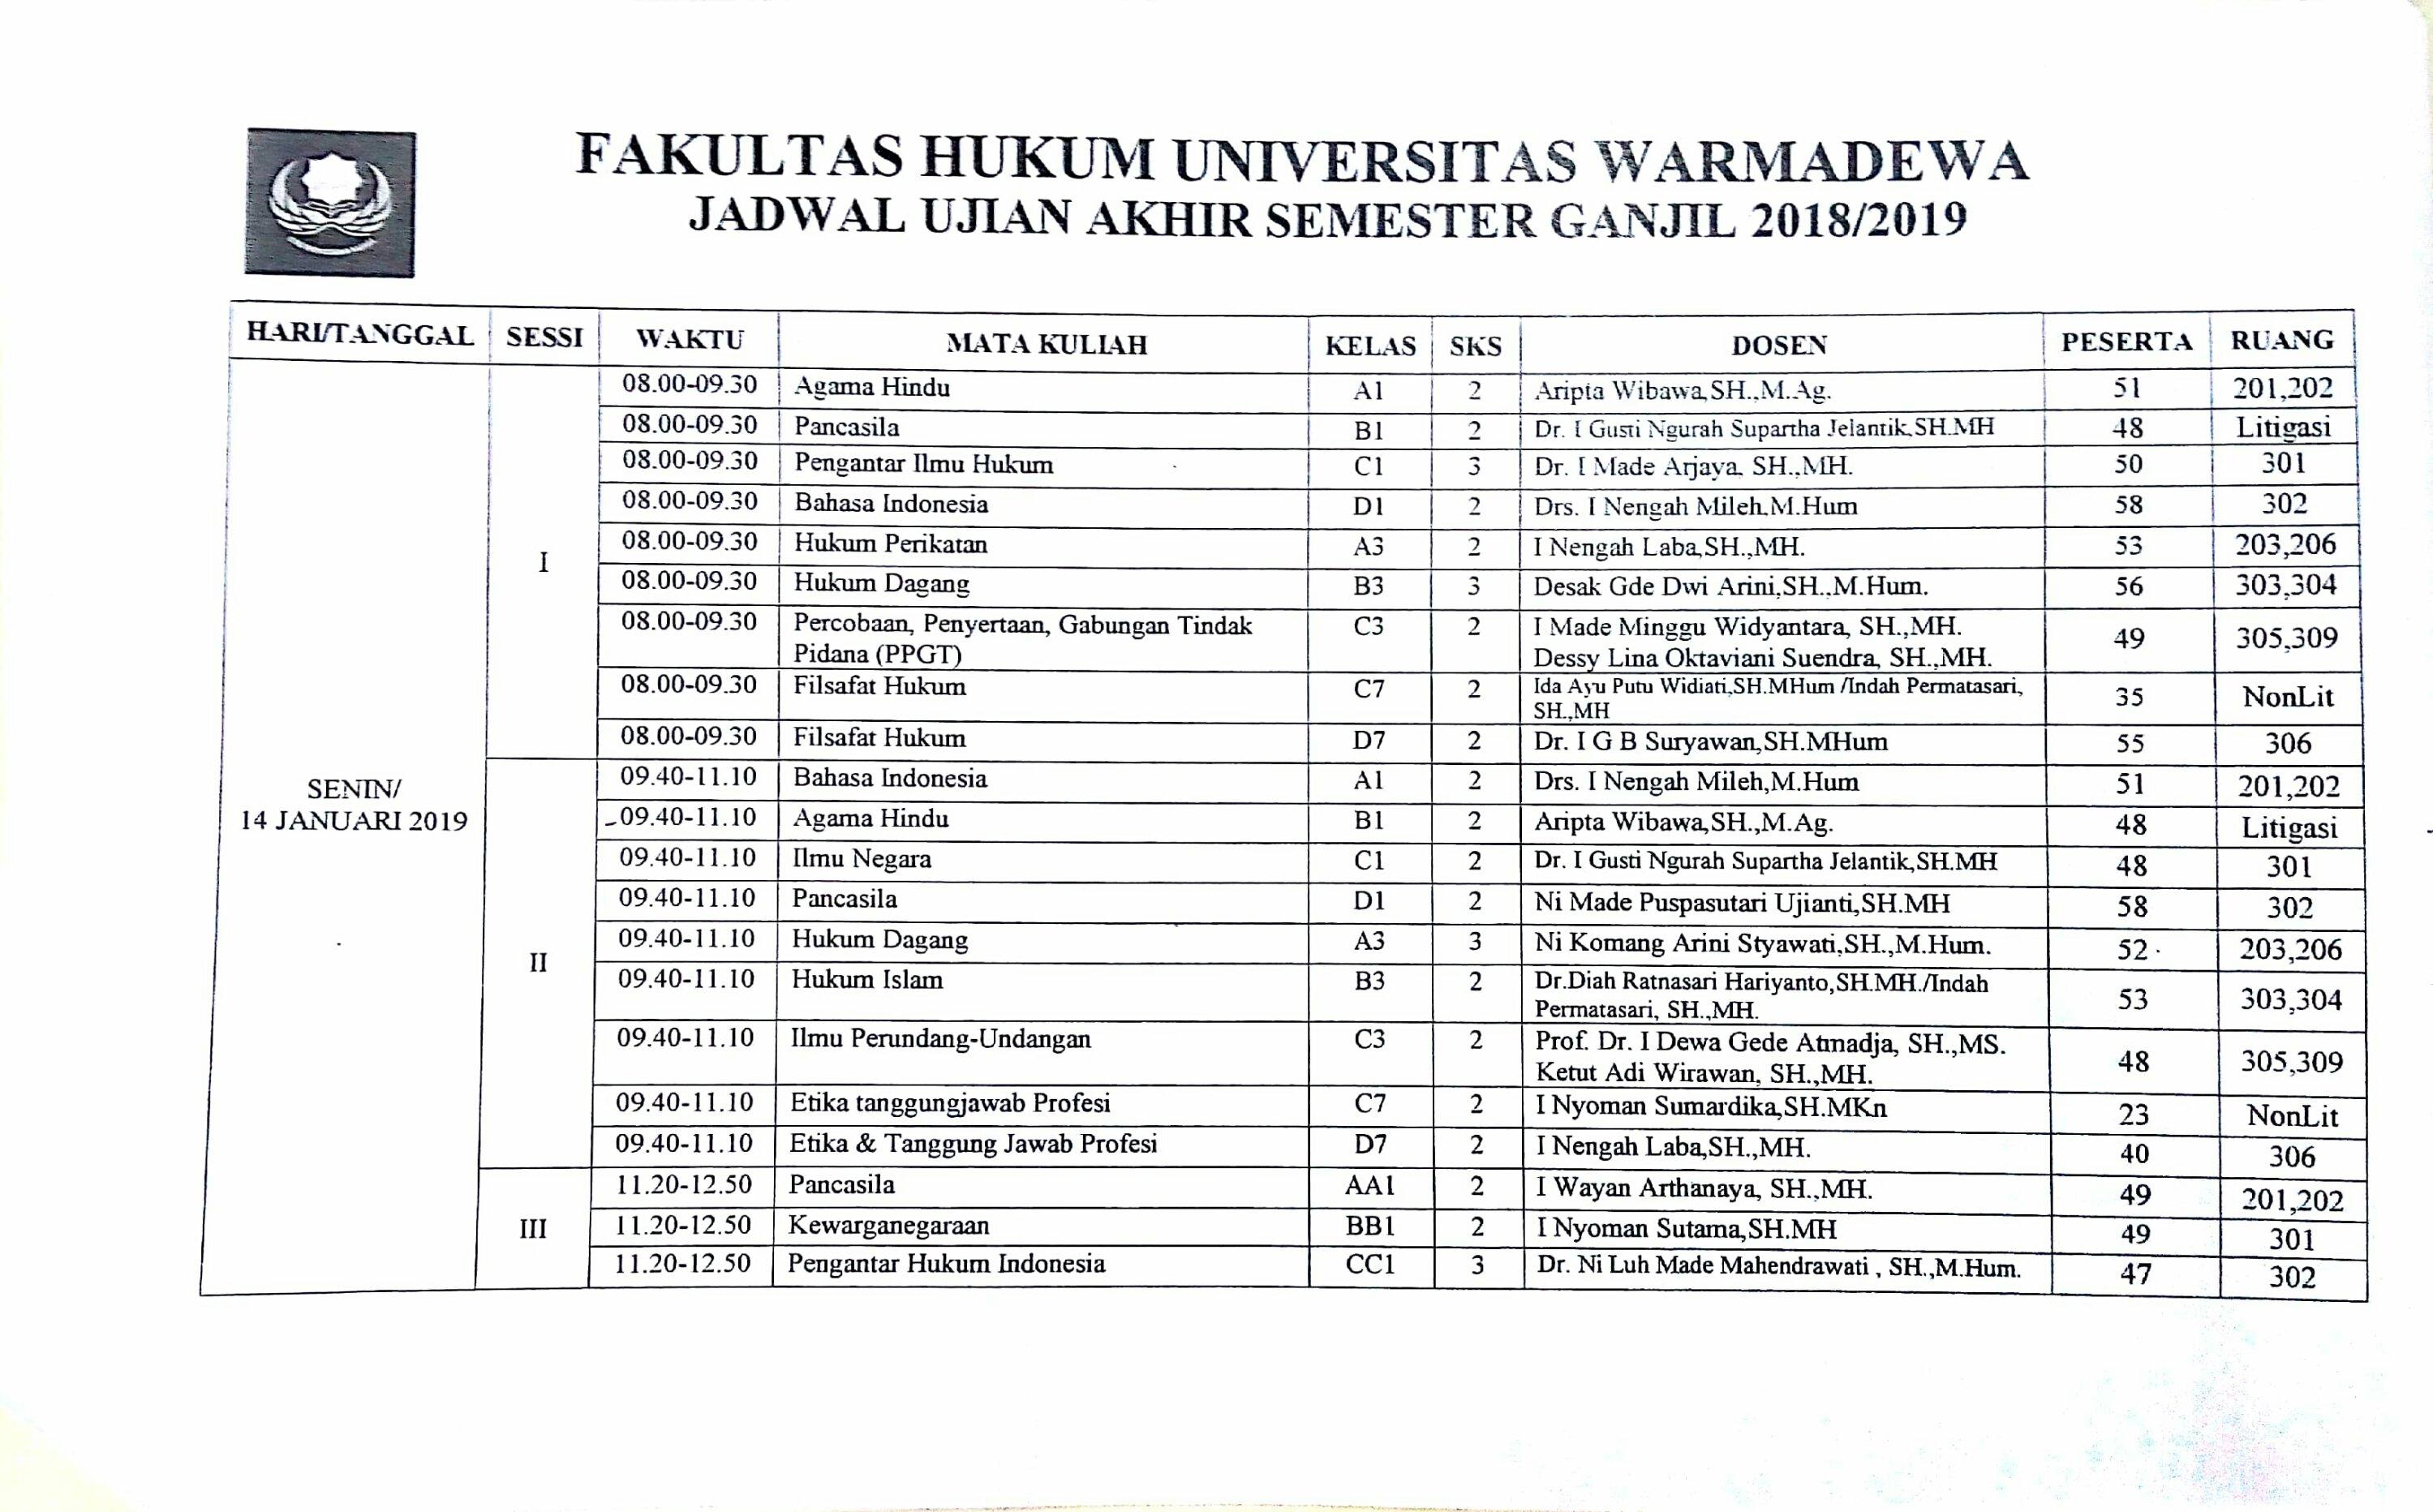 Jadwal Ujian Semester Ganjil 2018/2019 Fakultas Hukum Universitas Warmadewa